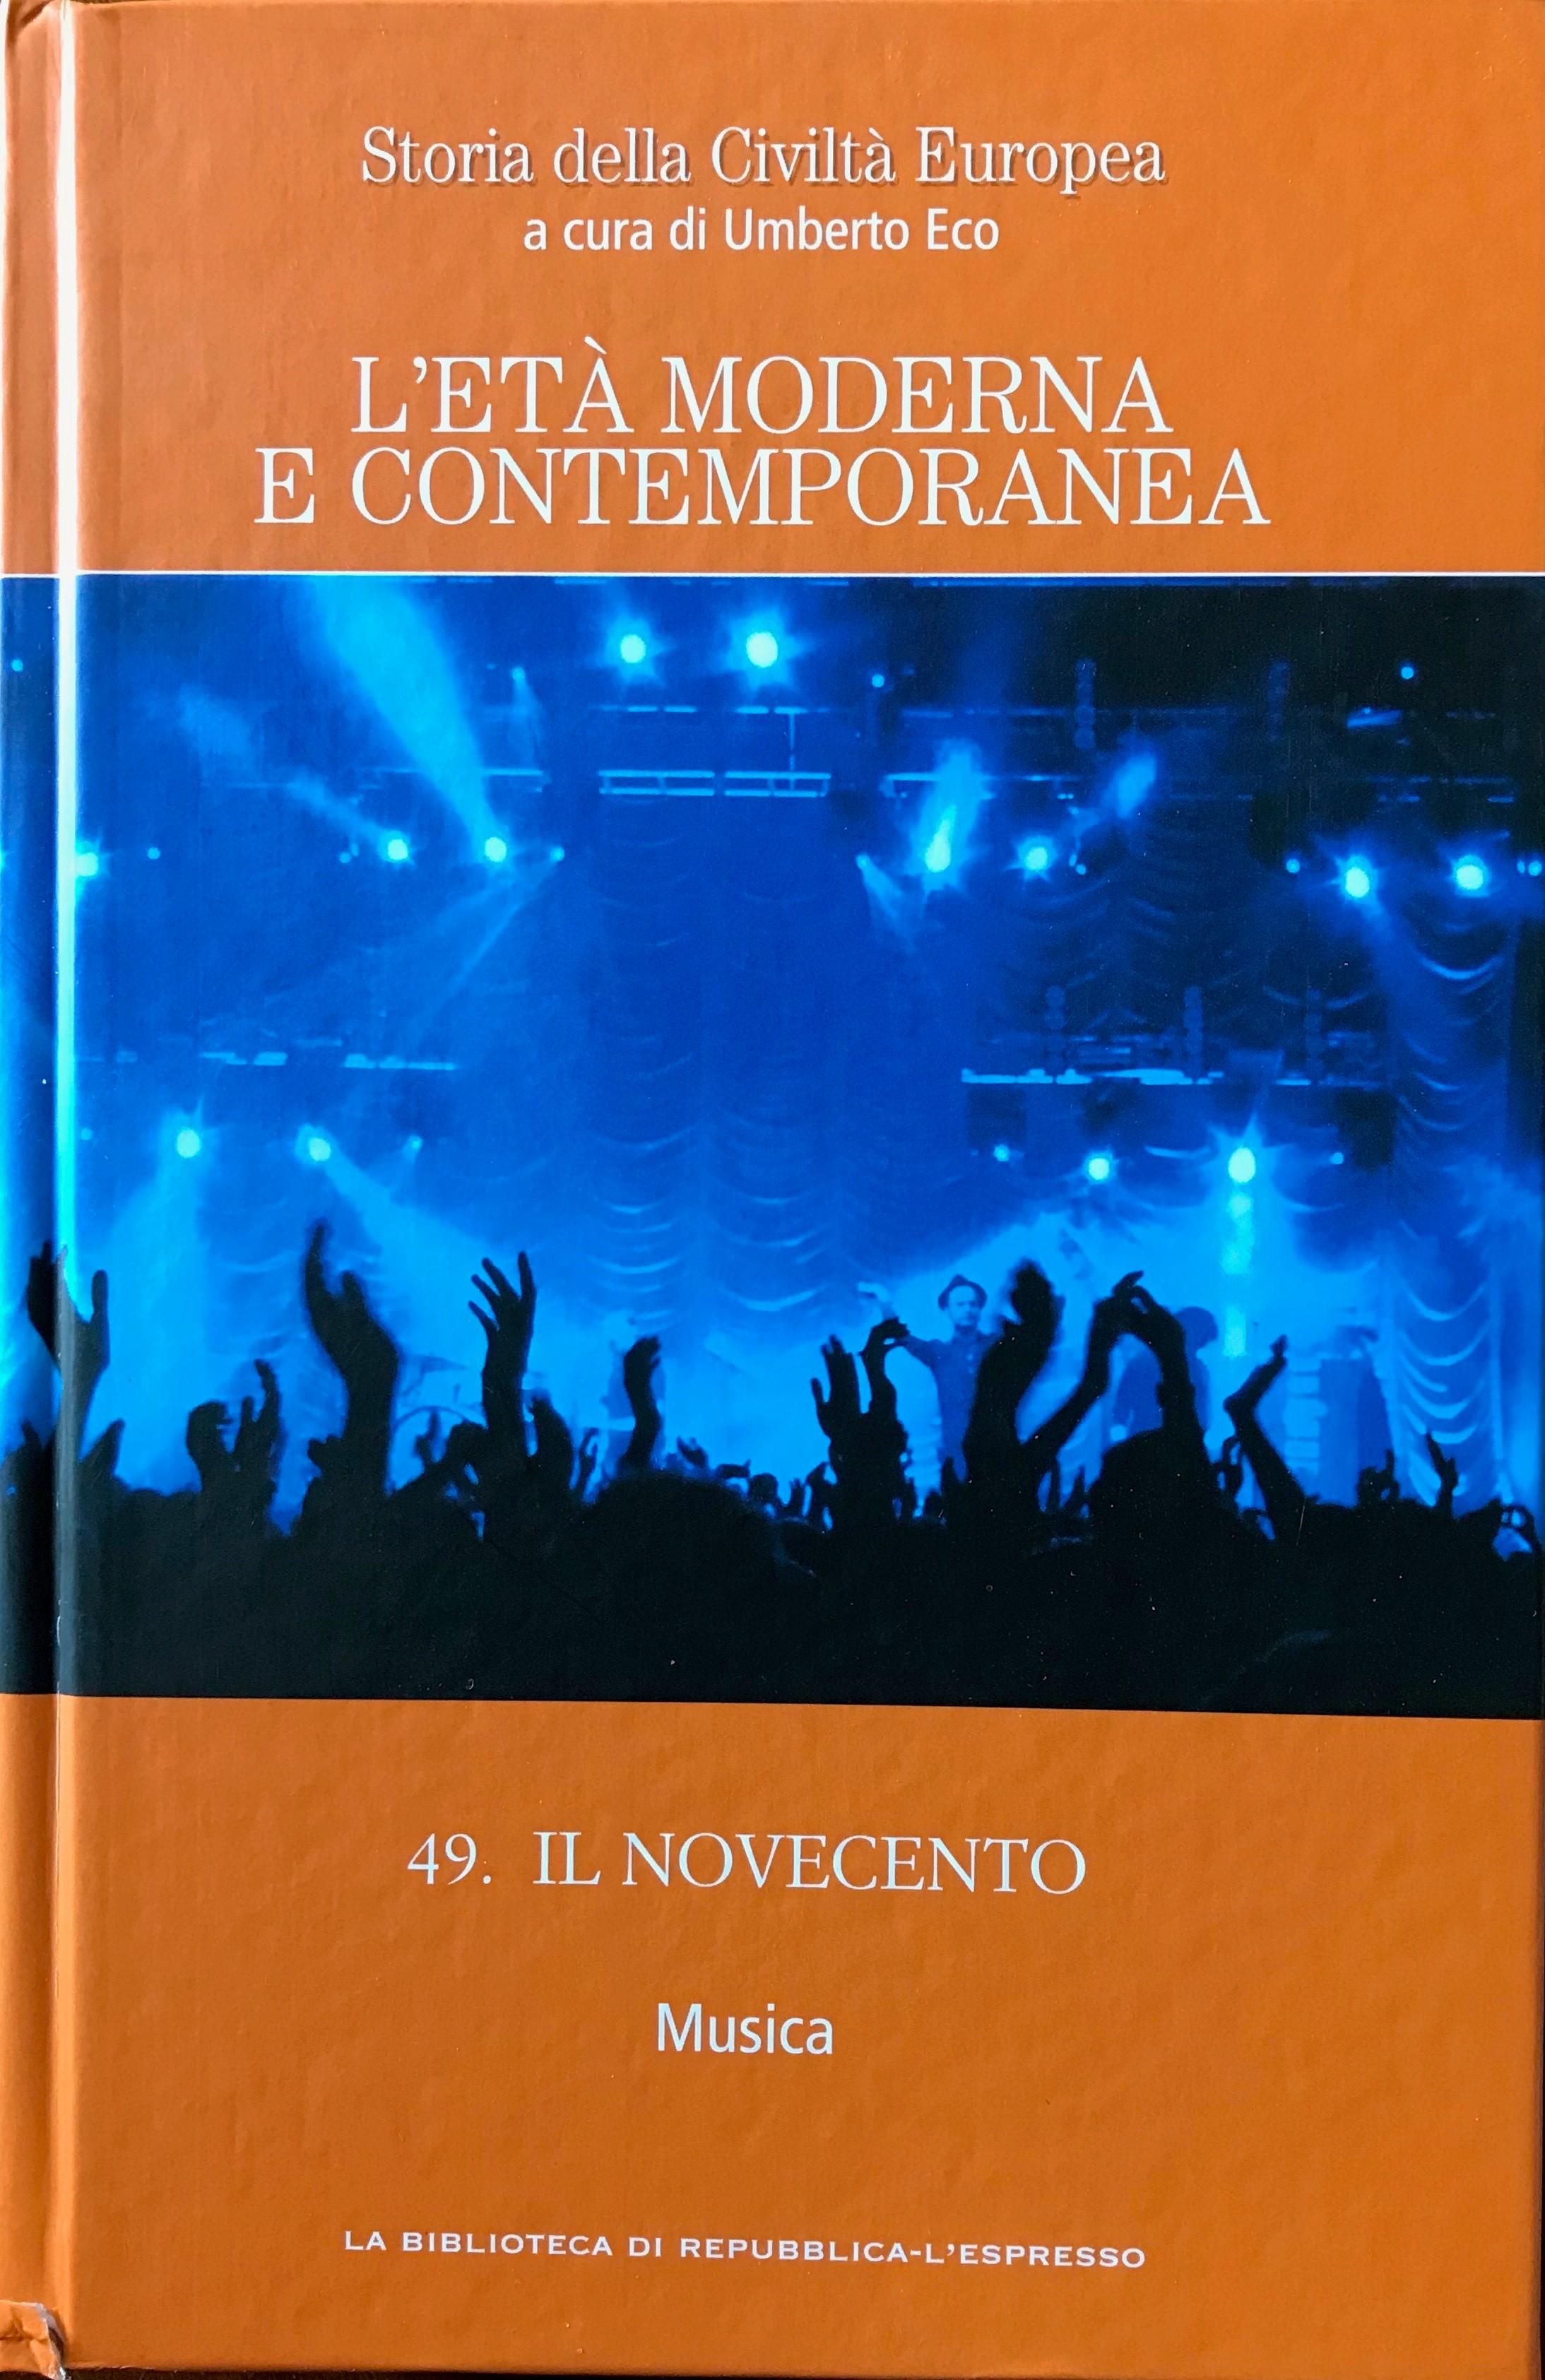 Storia della Civiltà Europea Vol. 49